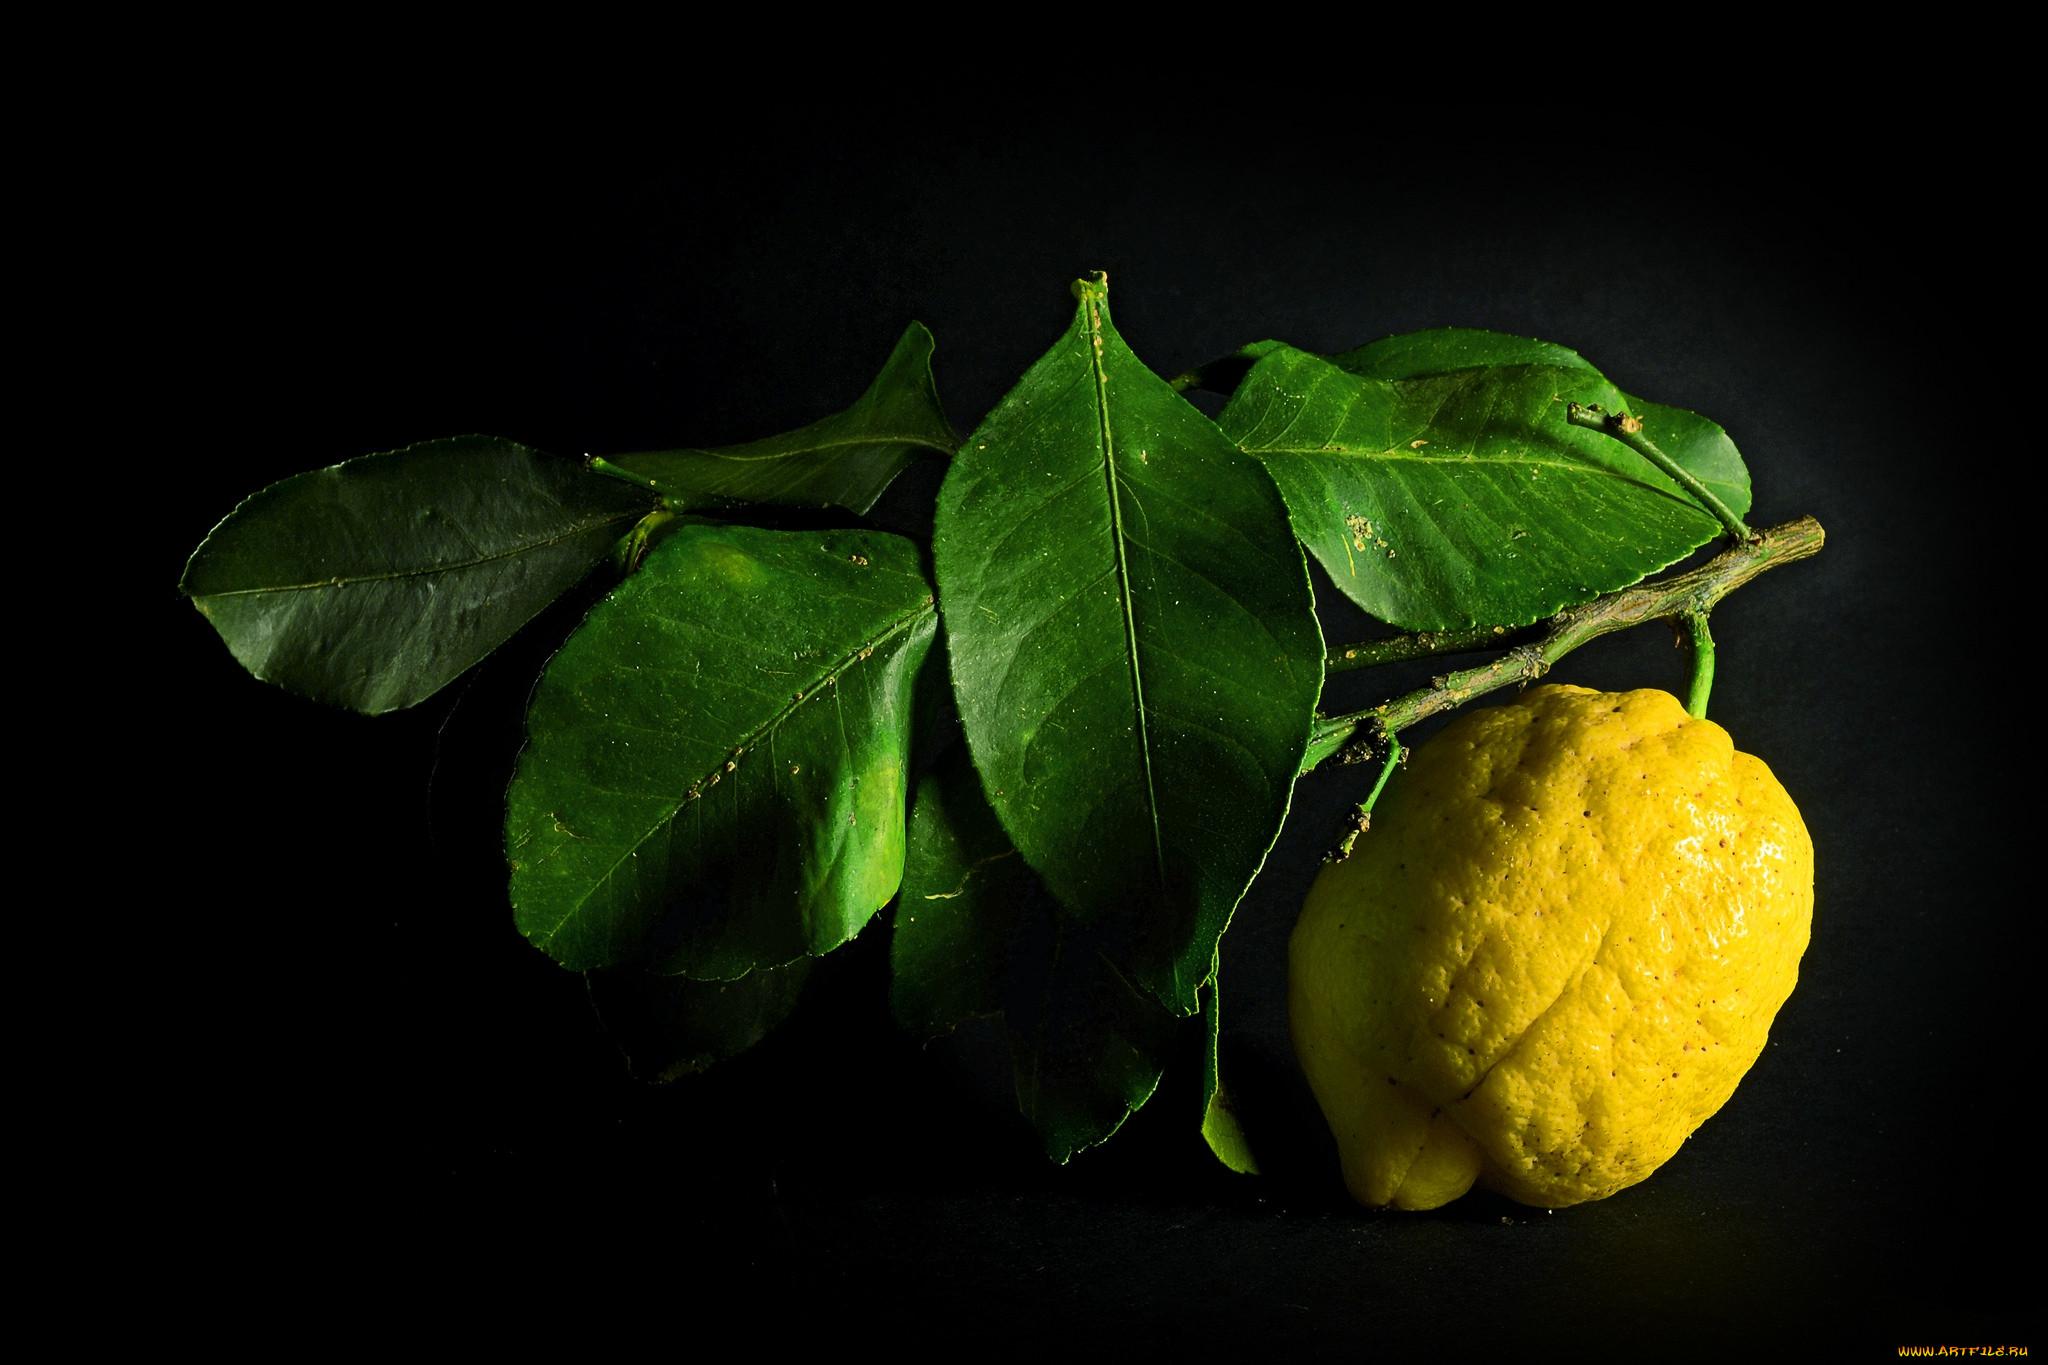 Современная расцветка линолеума фото фотошопе обычного